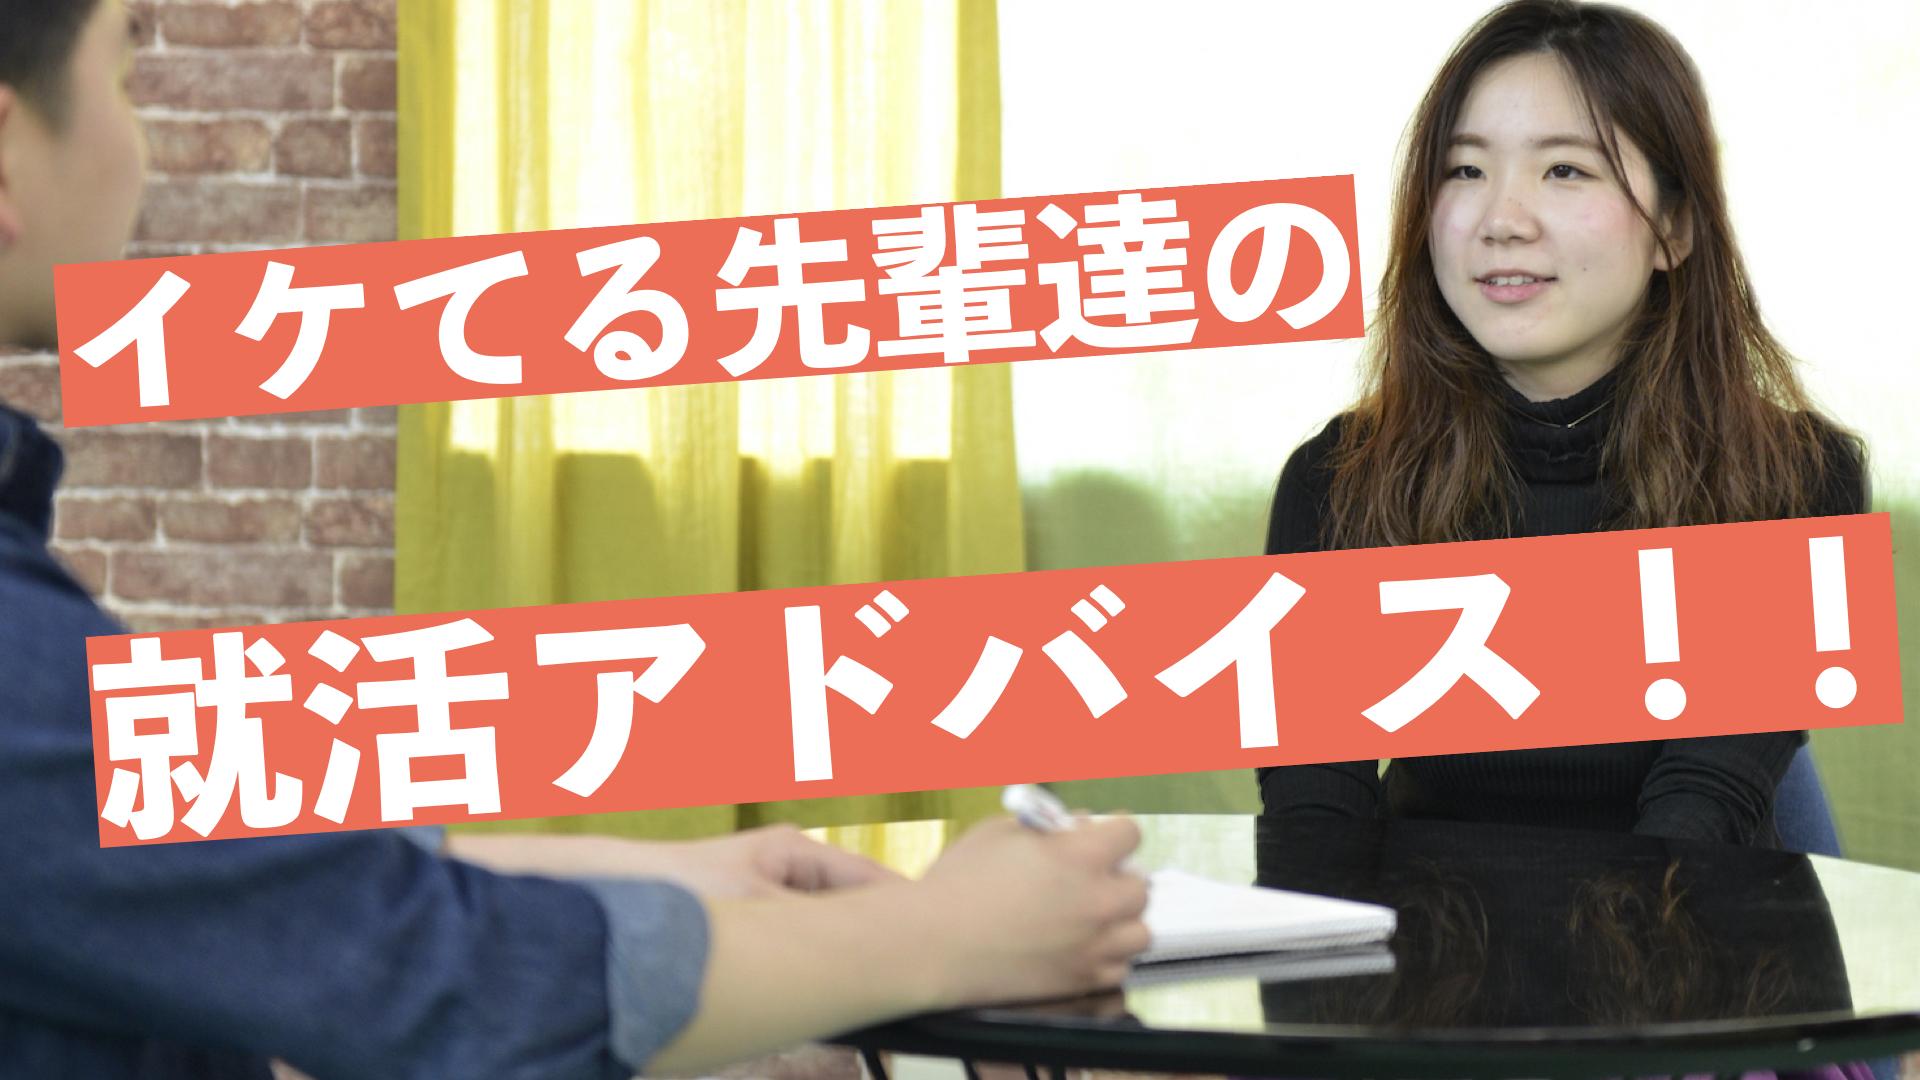 イケてる先輩たちの就活アドバイス 神林 陽子さん